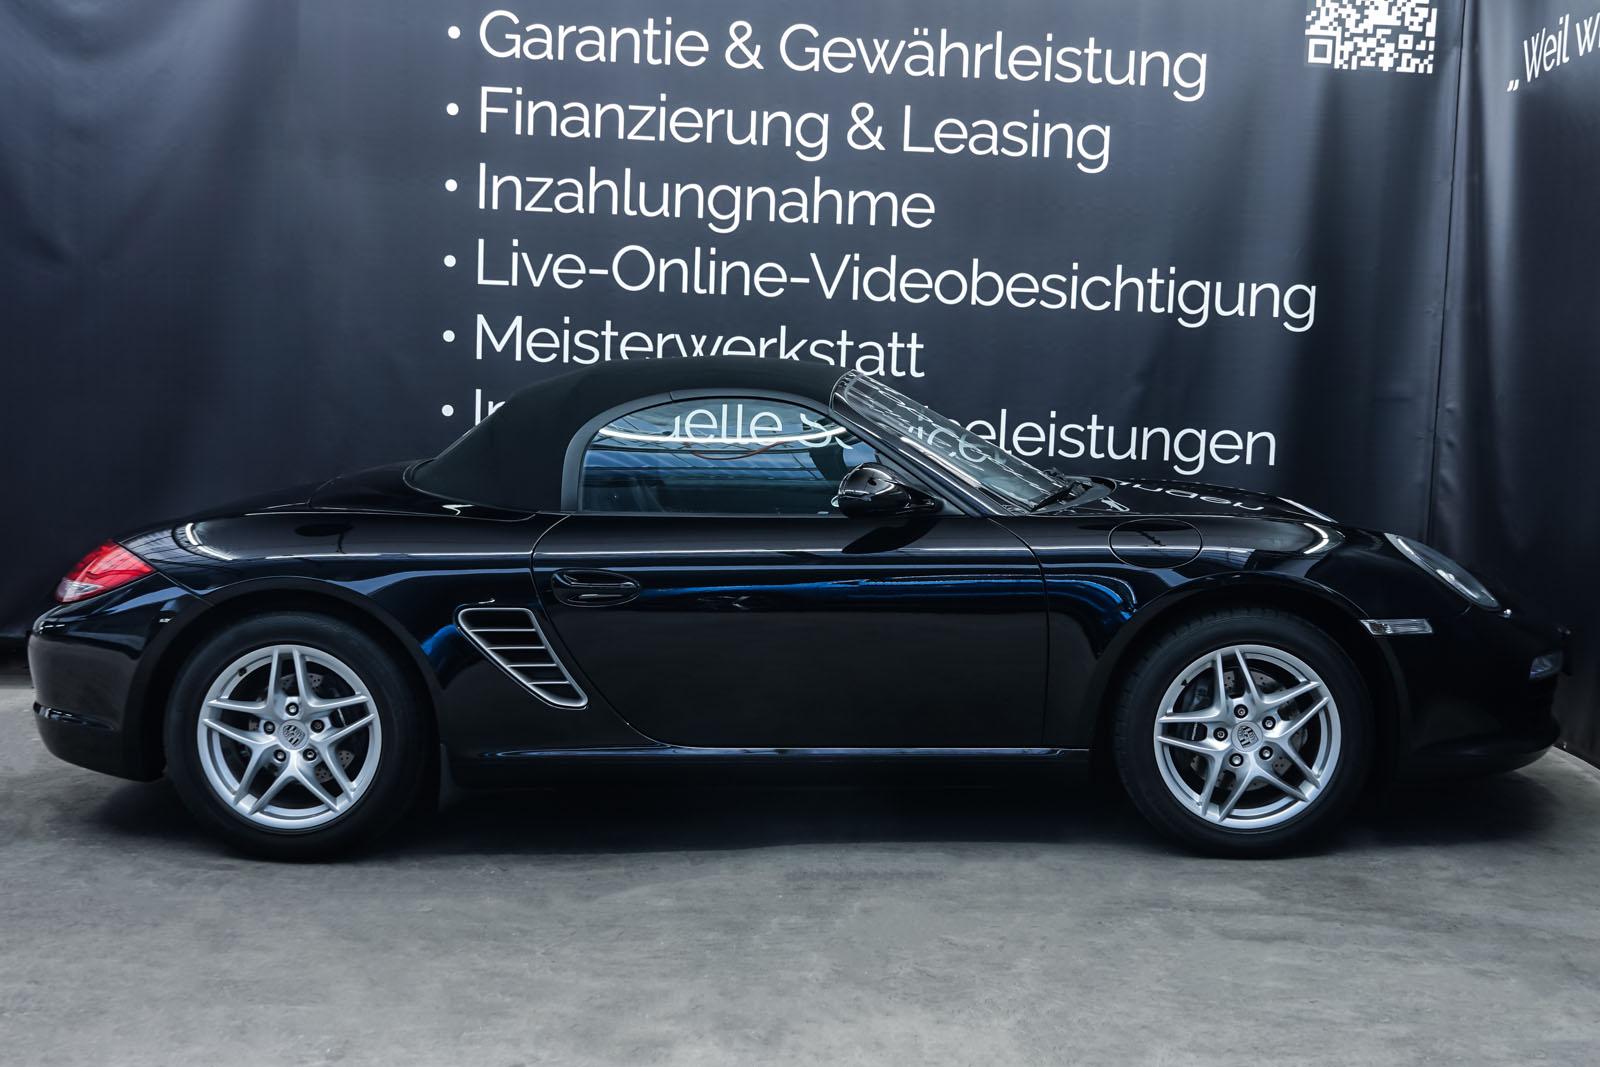 Porsche_Boxster_Schwarz_Schwarz_POR-0927_19_w